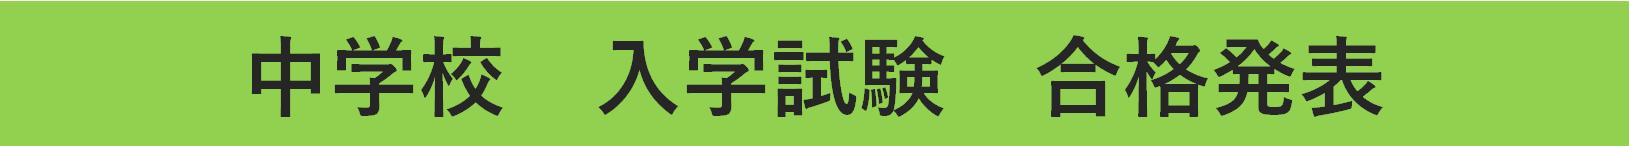 中学校 入学試験 合格発表